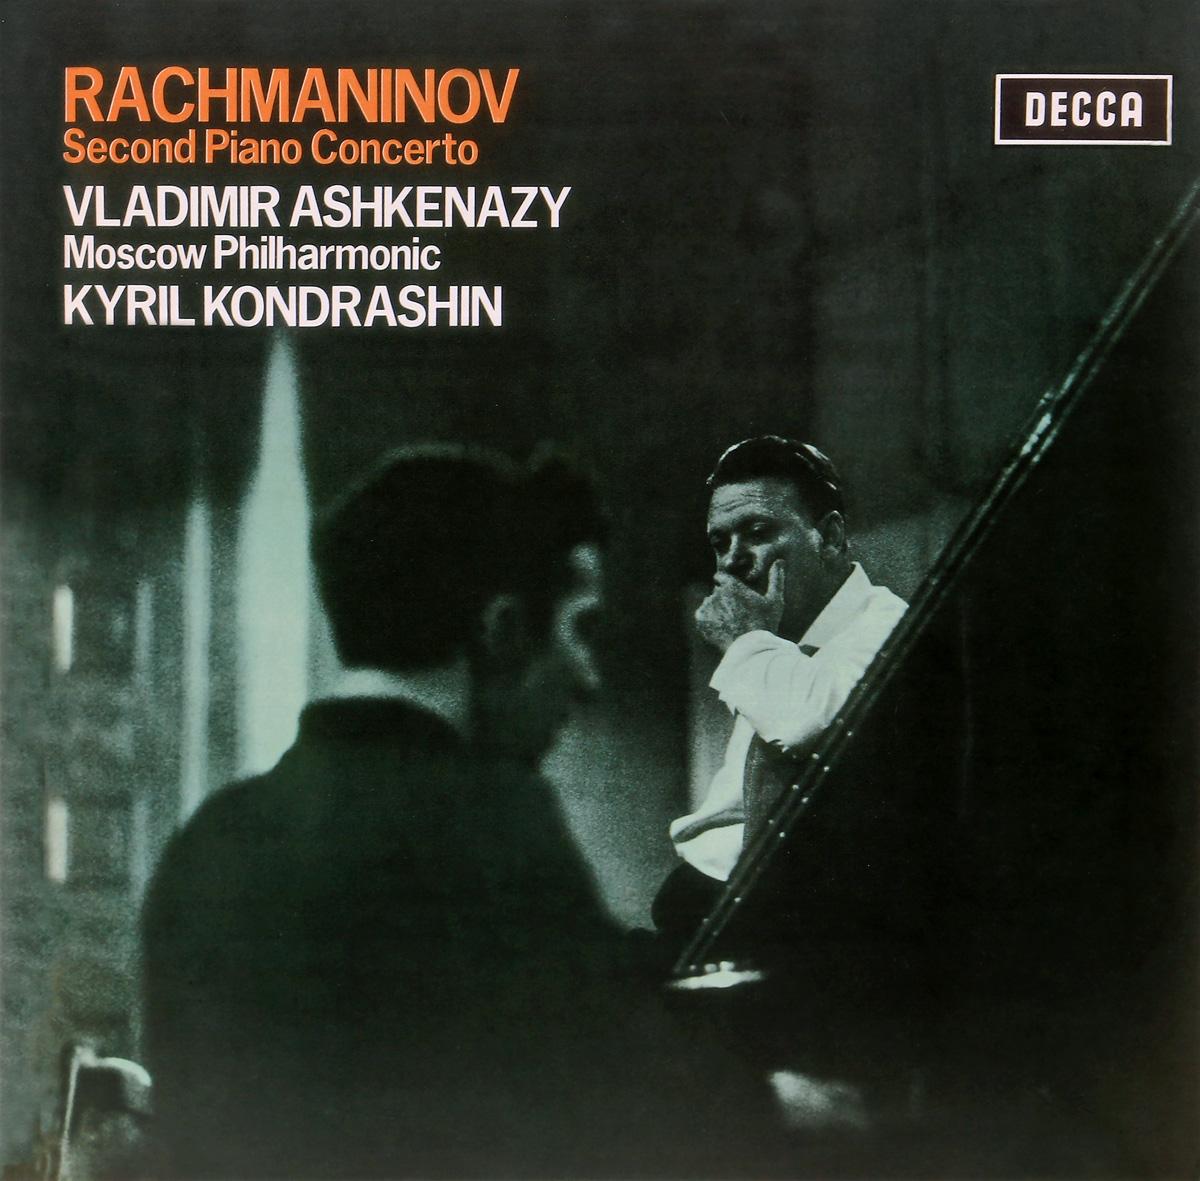 где купить Владимир Ашкенази,Кирилл Кондрашин Ashkenazy, Vladimir Rachmaninov: Piano Concerto No.2 (LP) по лучшей цене